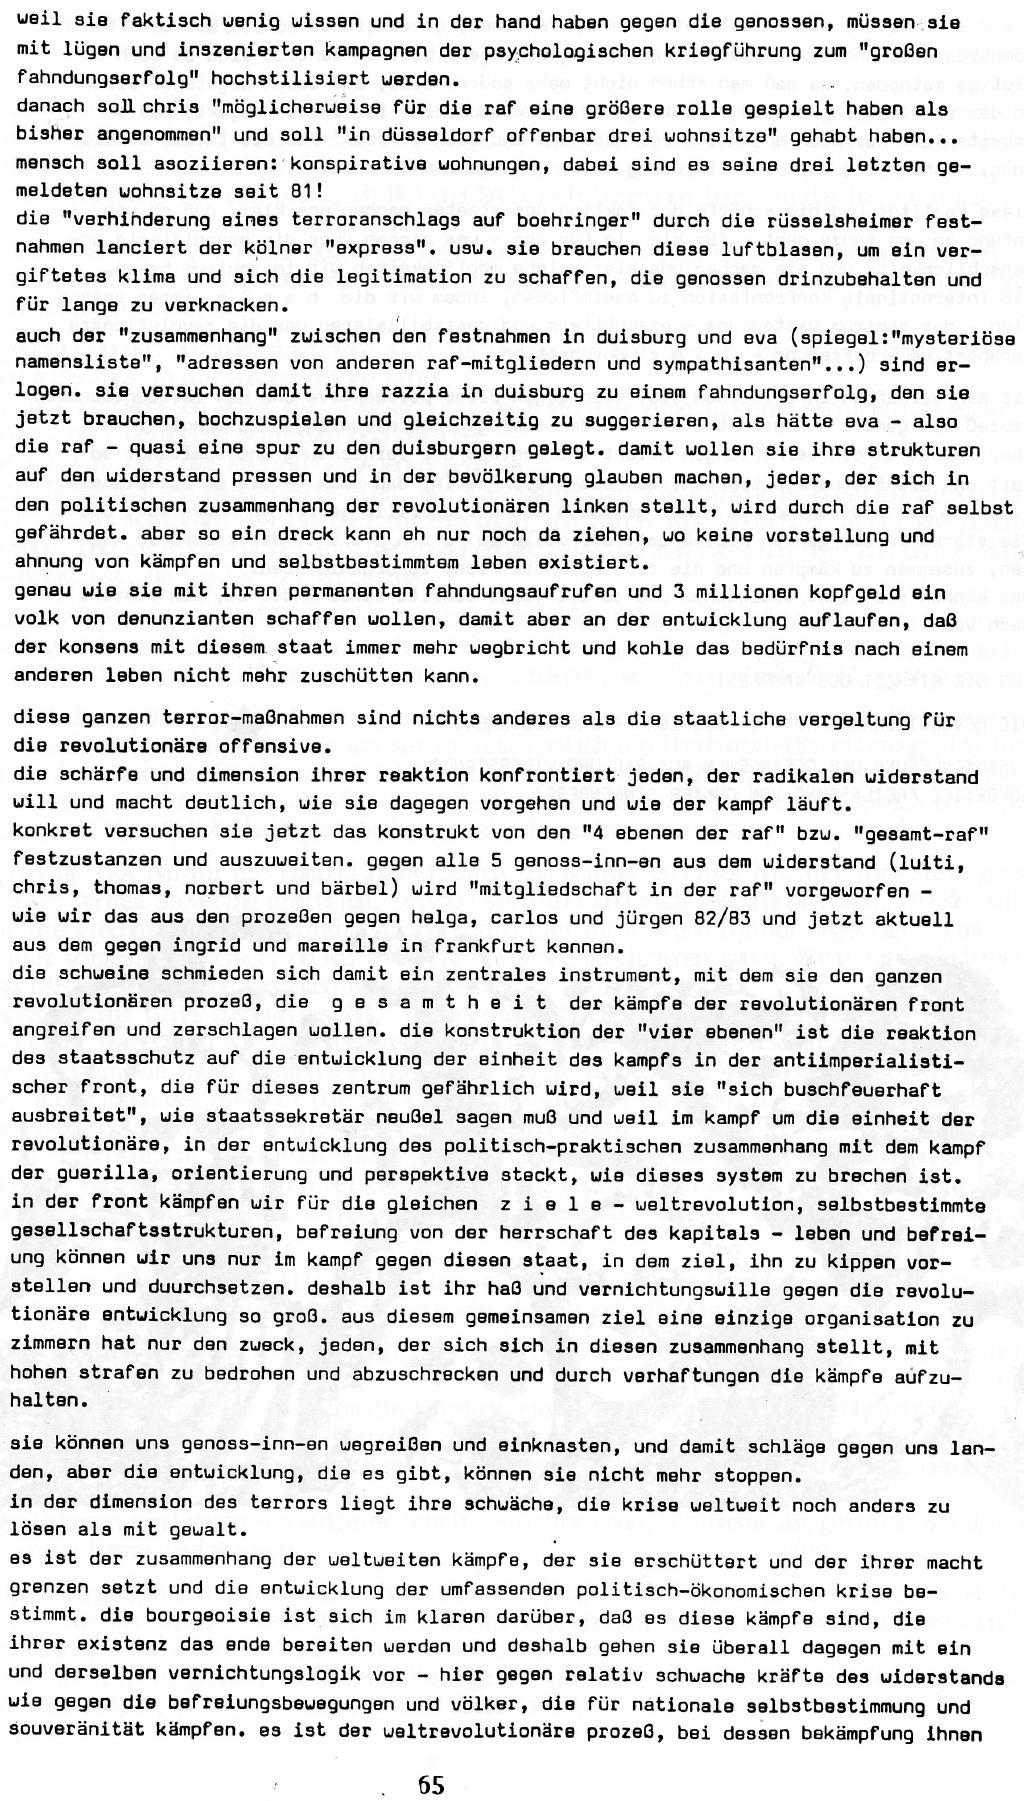 Duesseldorf_1989_Sechs_Politische_Gefangene_065